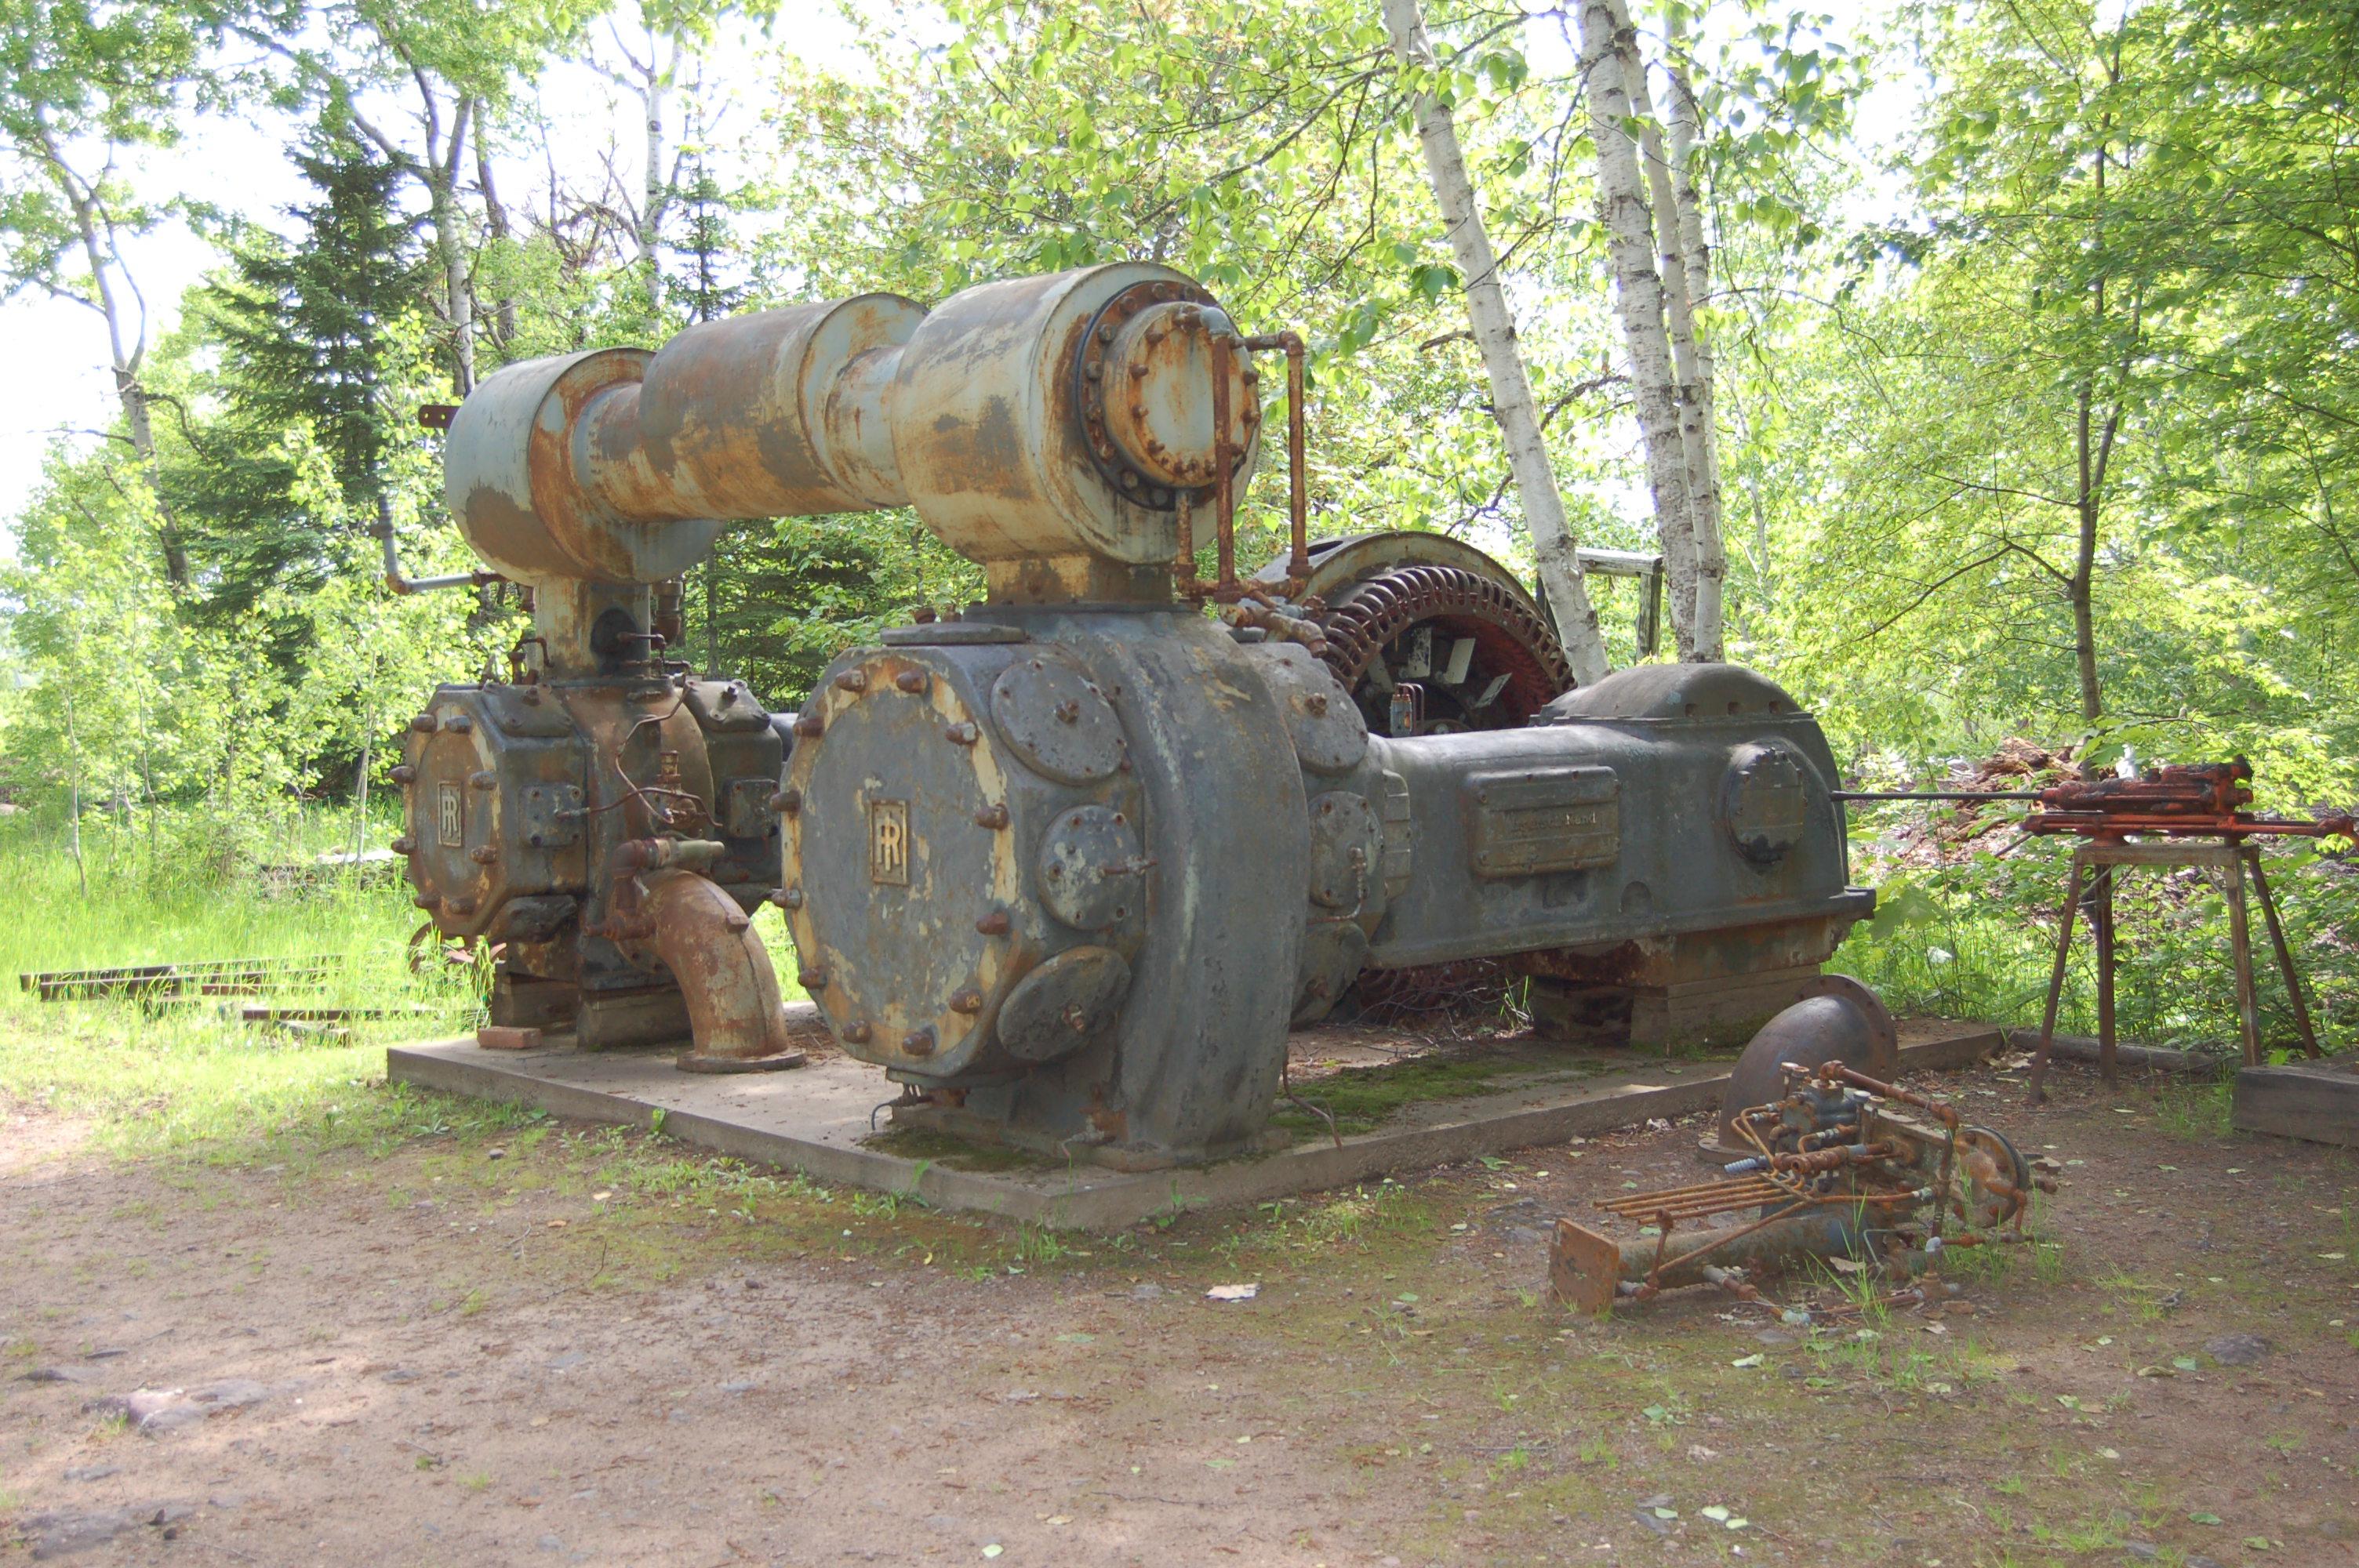 Delaware Mine Antique Equipment